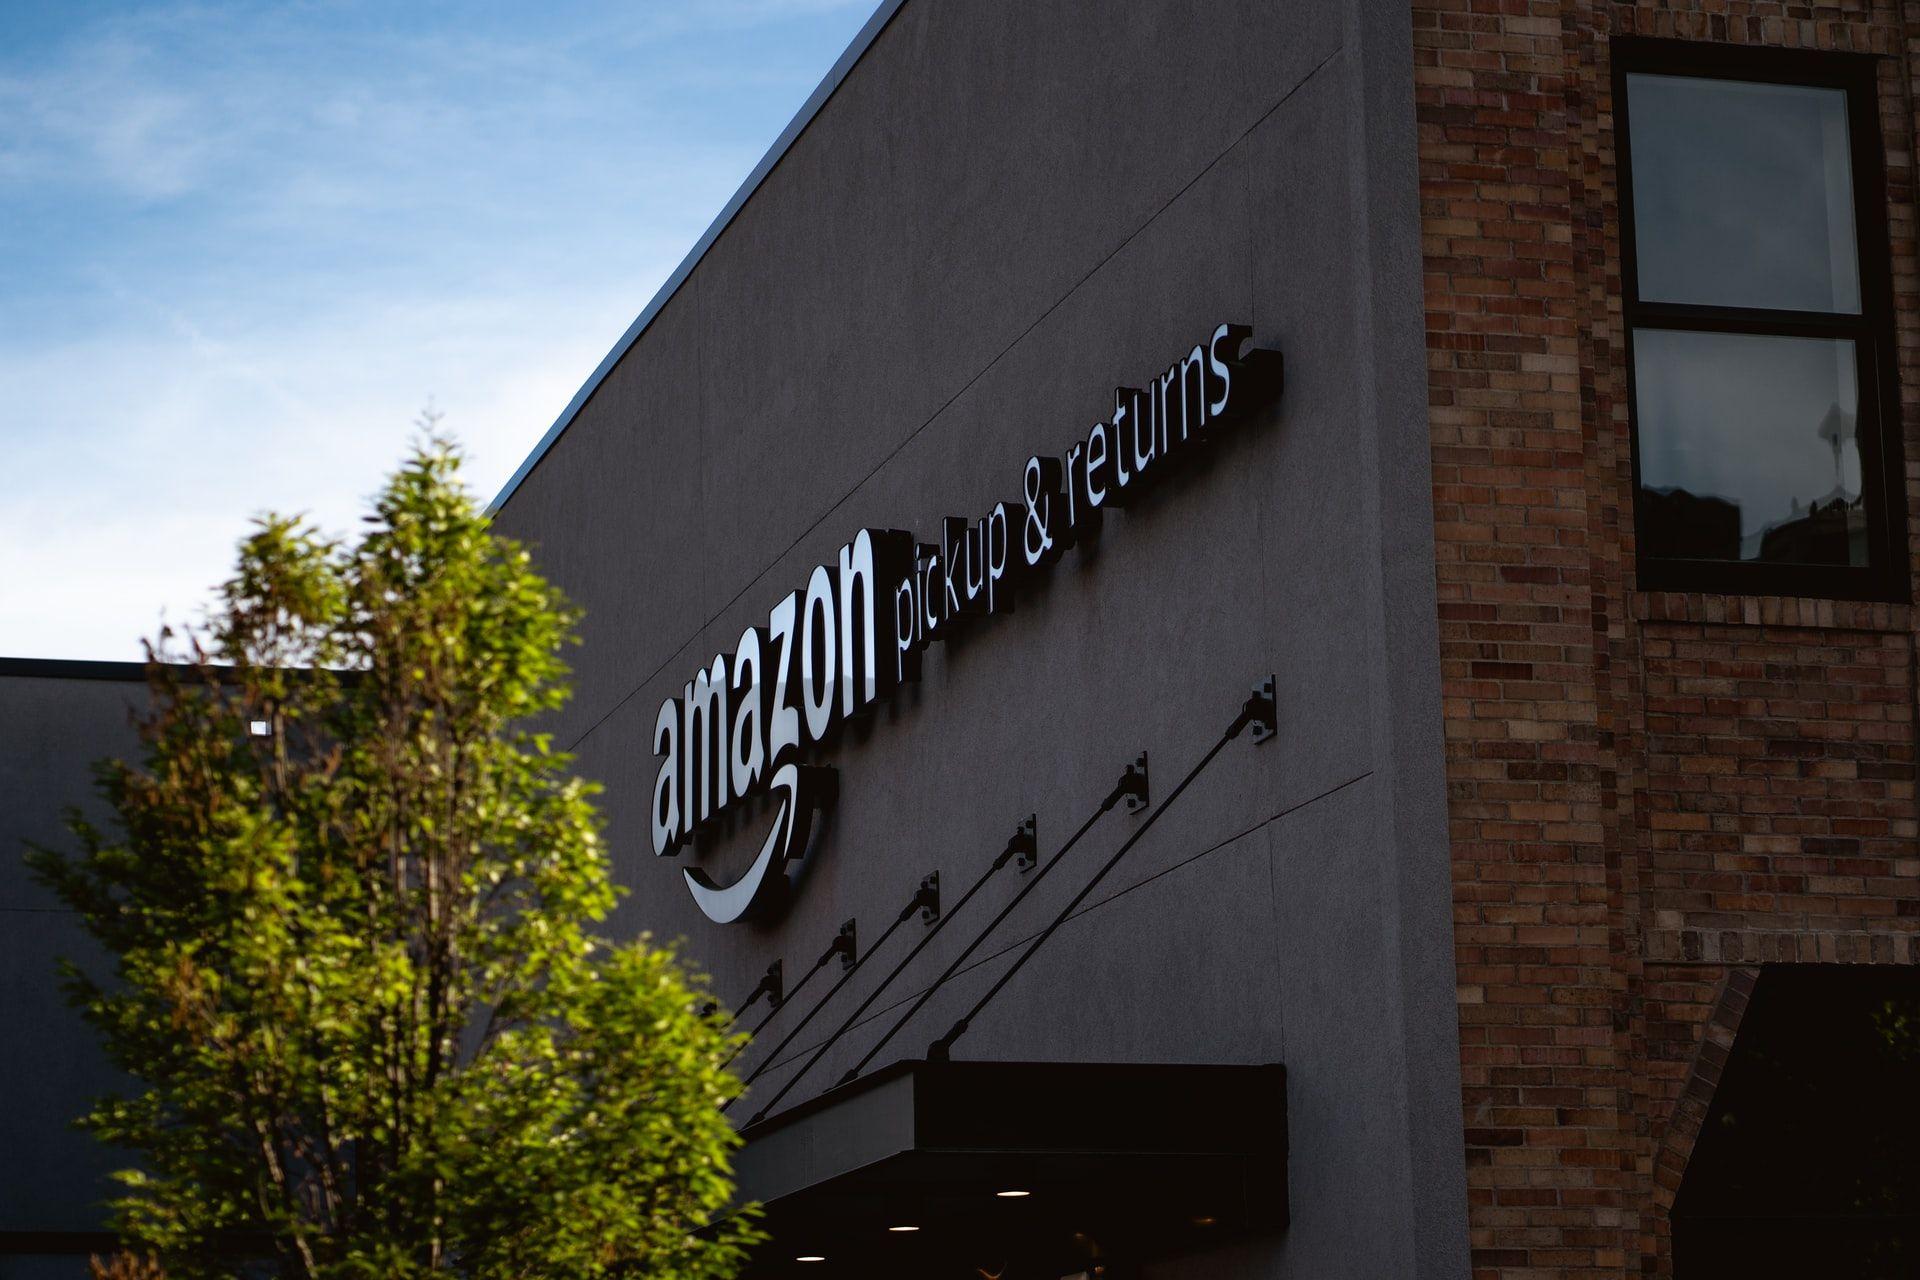 За перший квартал 2021 року компанія Amazon заробила понад 100 мільярдів доларів